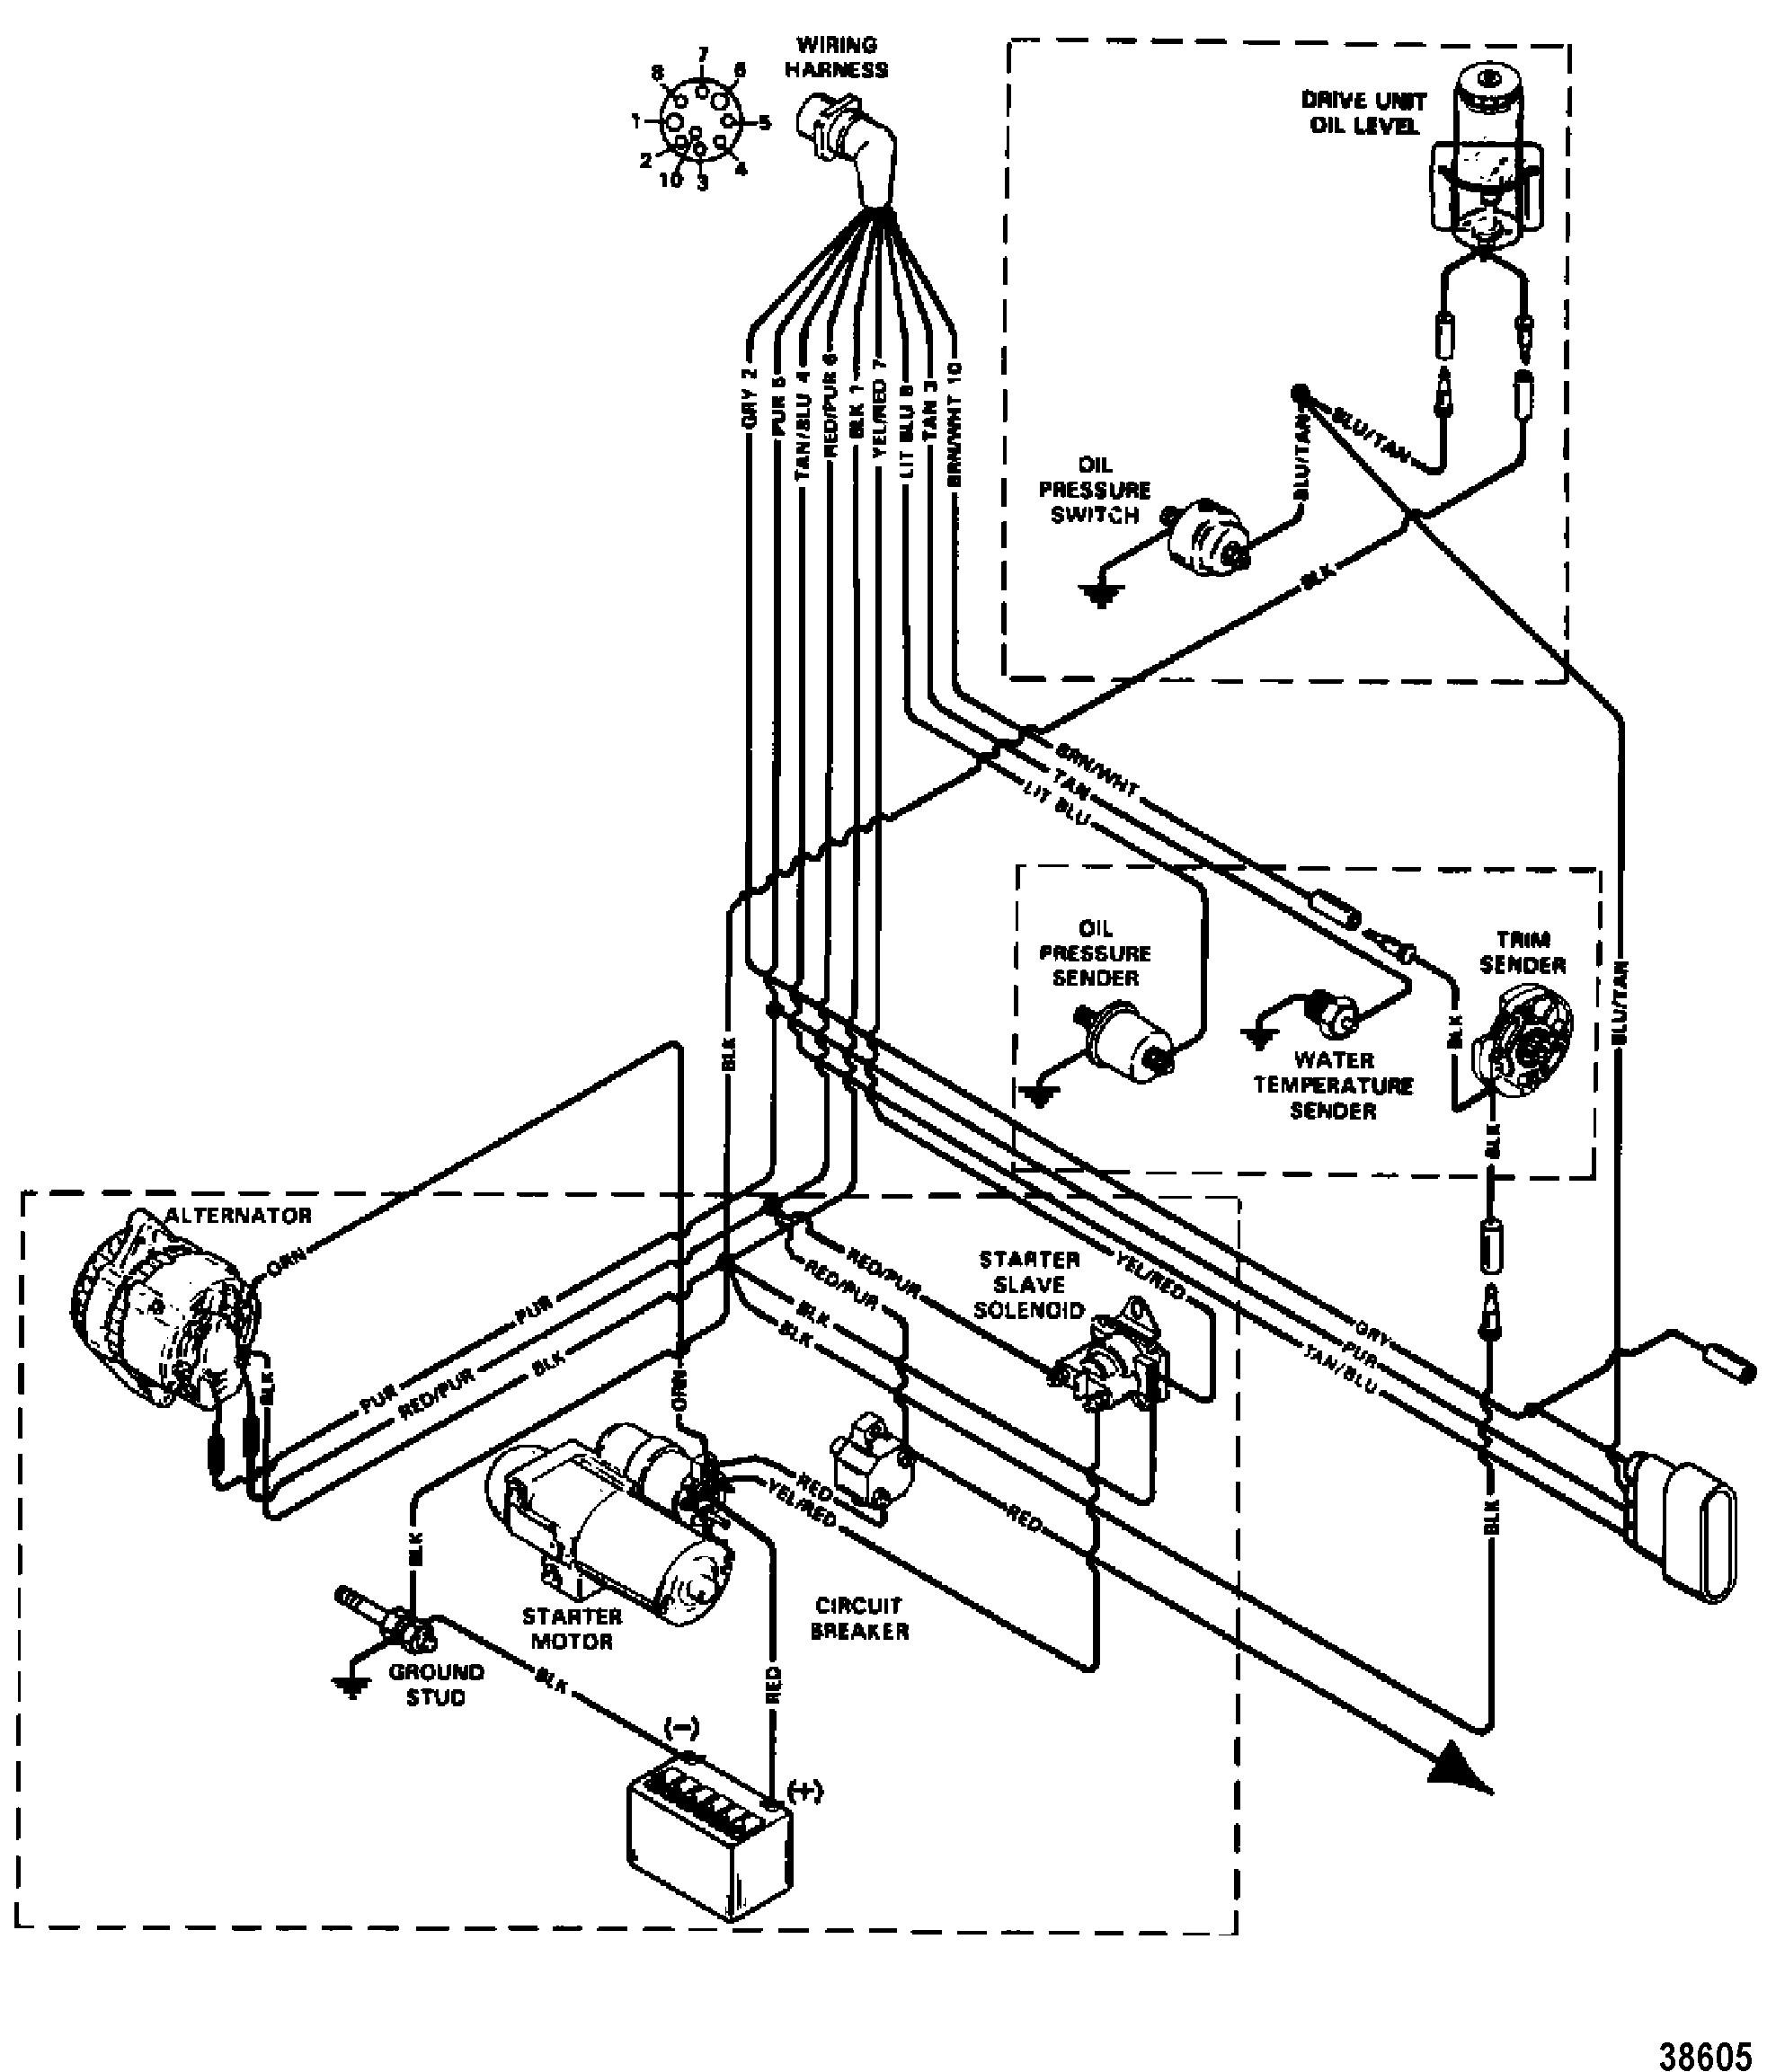 Mercruiser 170 Engine Diagram Ð Ð°Ñ Ð°Ð Ð¾Ð³ Ð·Ð°Ð¿Ñ Ð°Ñ Ñ